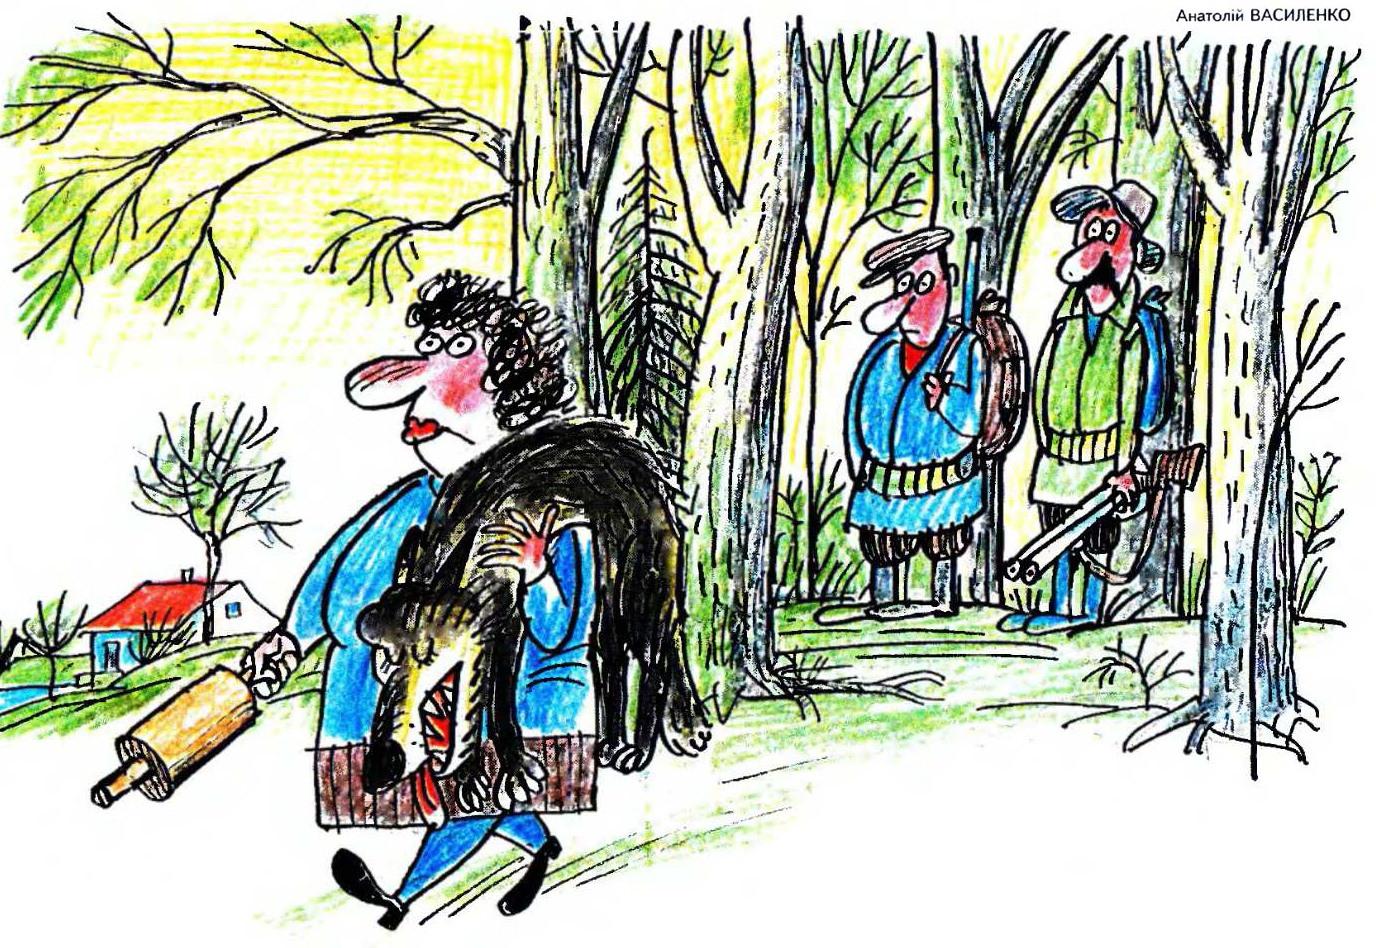 Прикольные рисунки об охотниках